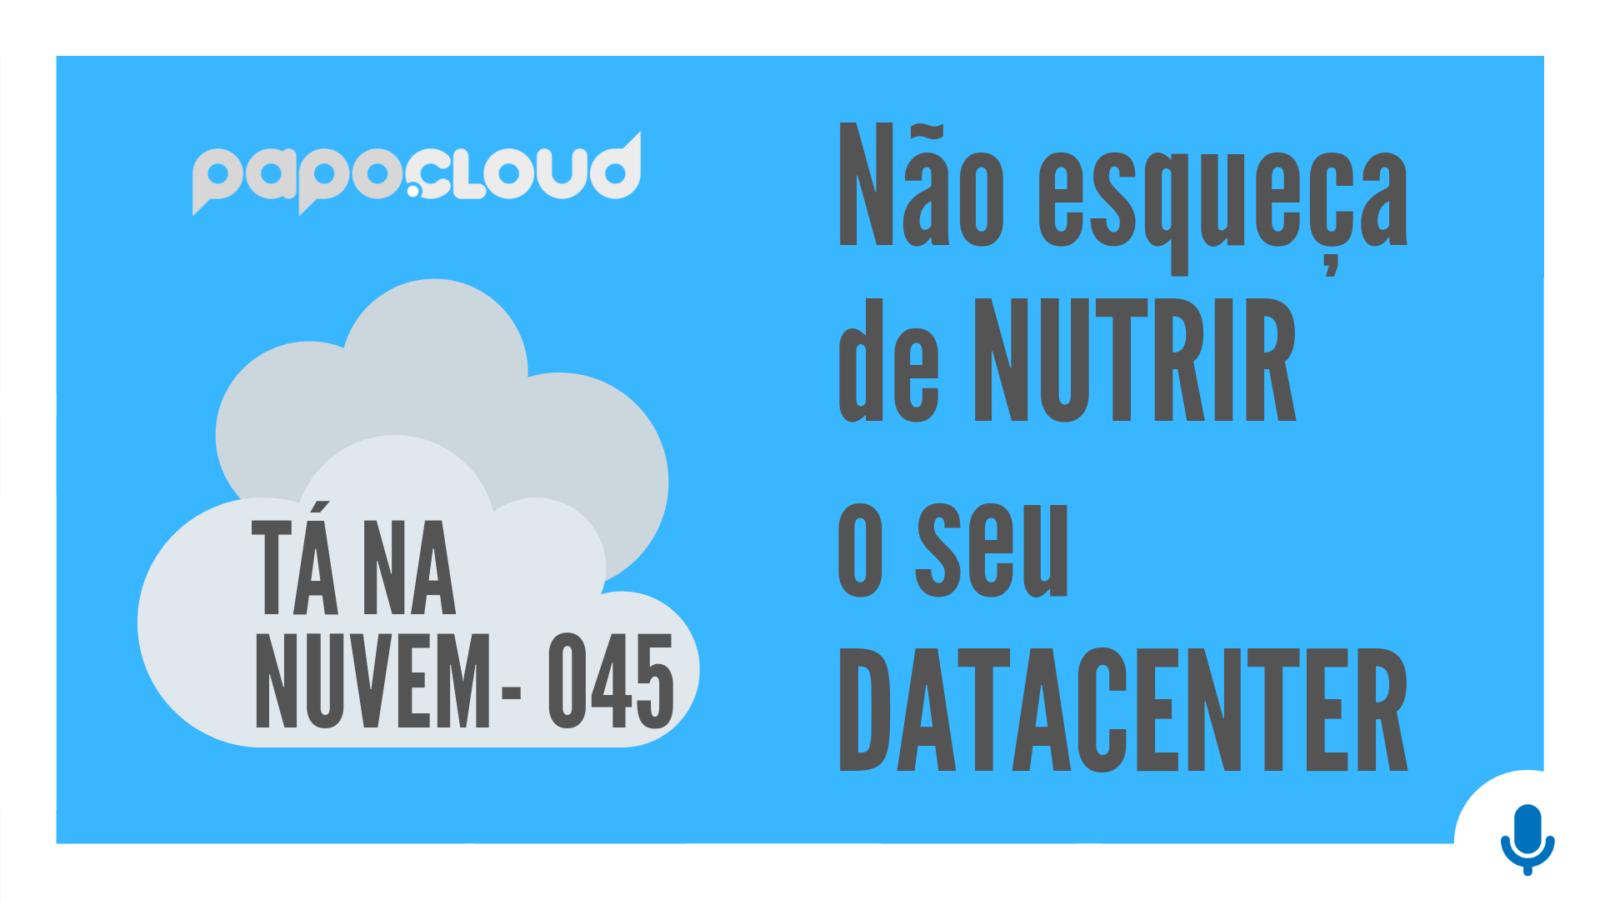 Tá Na Nuvem 045 - Não esqueça de NUTRIR o seu DATACENTER